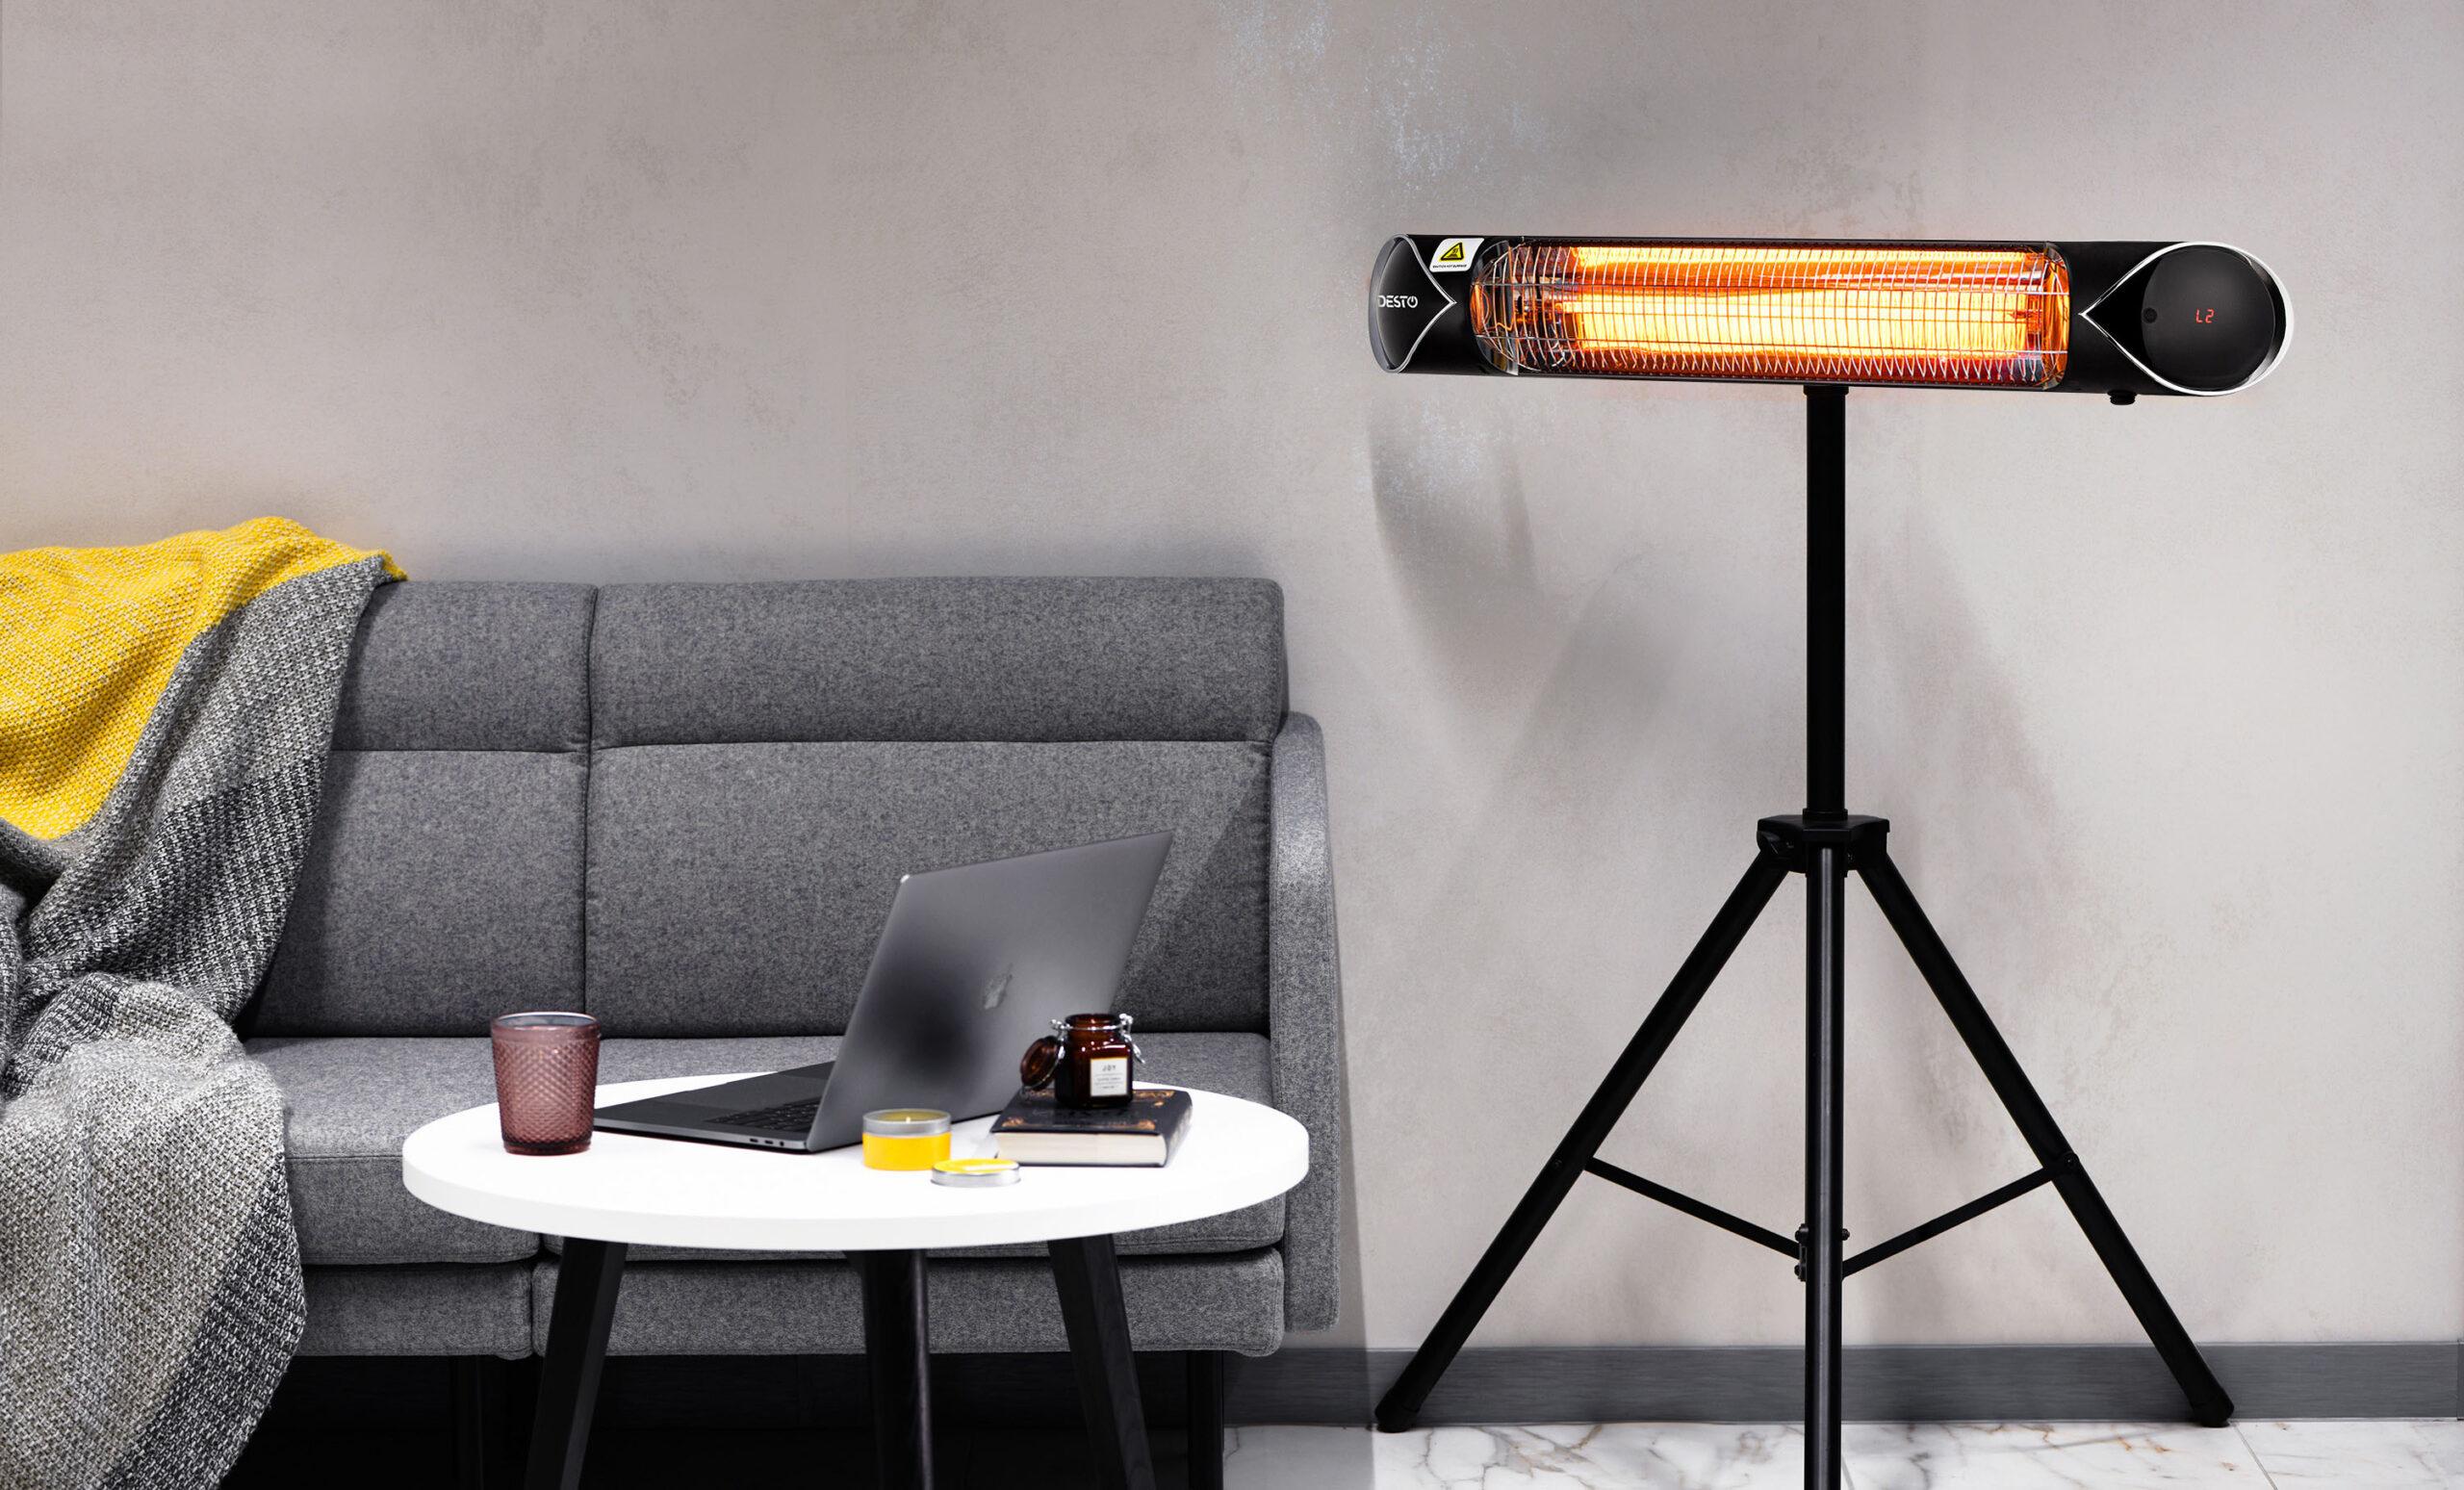 Кварцевые обогреватели для дома, энергосберегающие - что лучше монолитный, инфракрасный или газовый? характеристики и отличия по размерам, и месту крепления